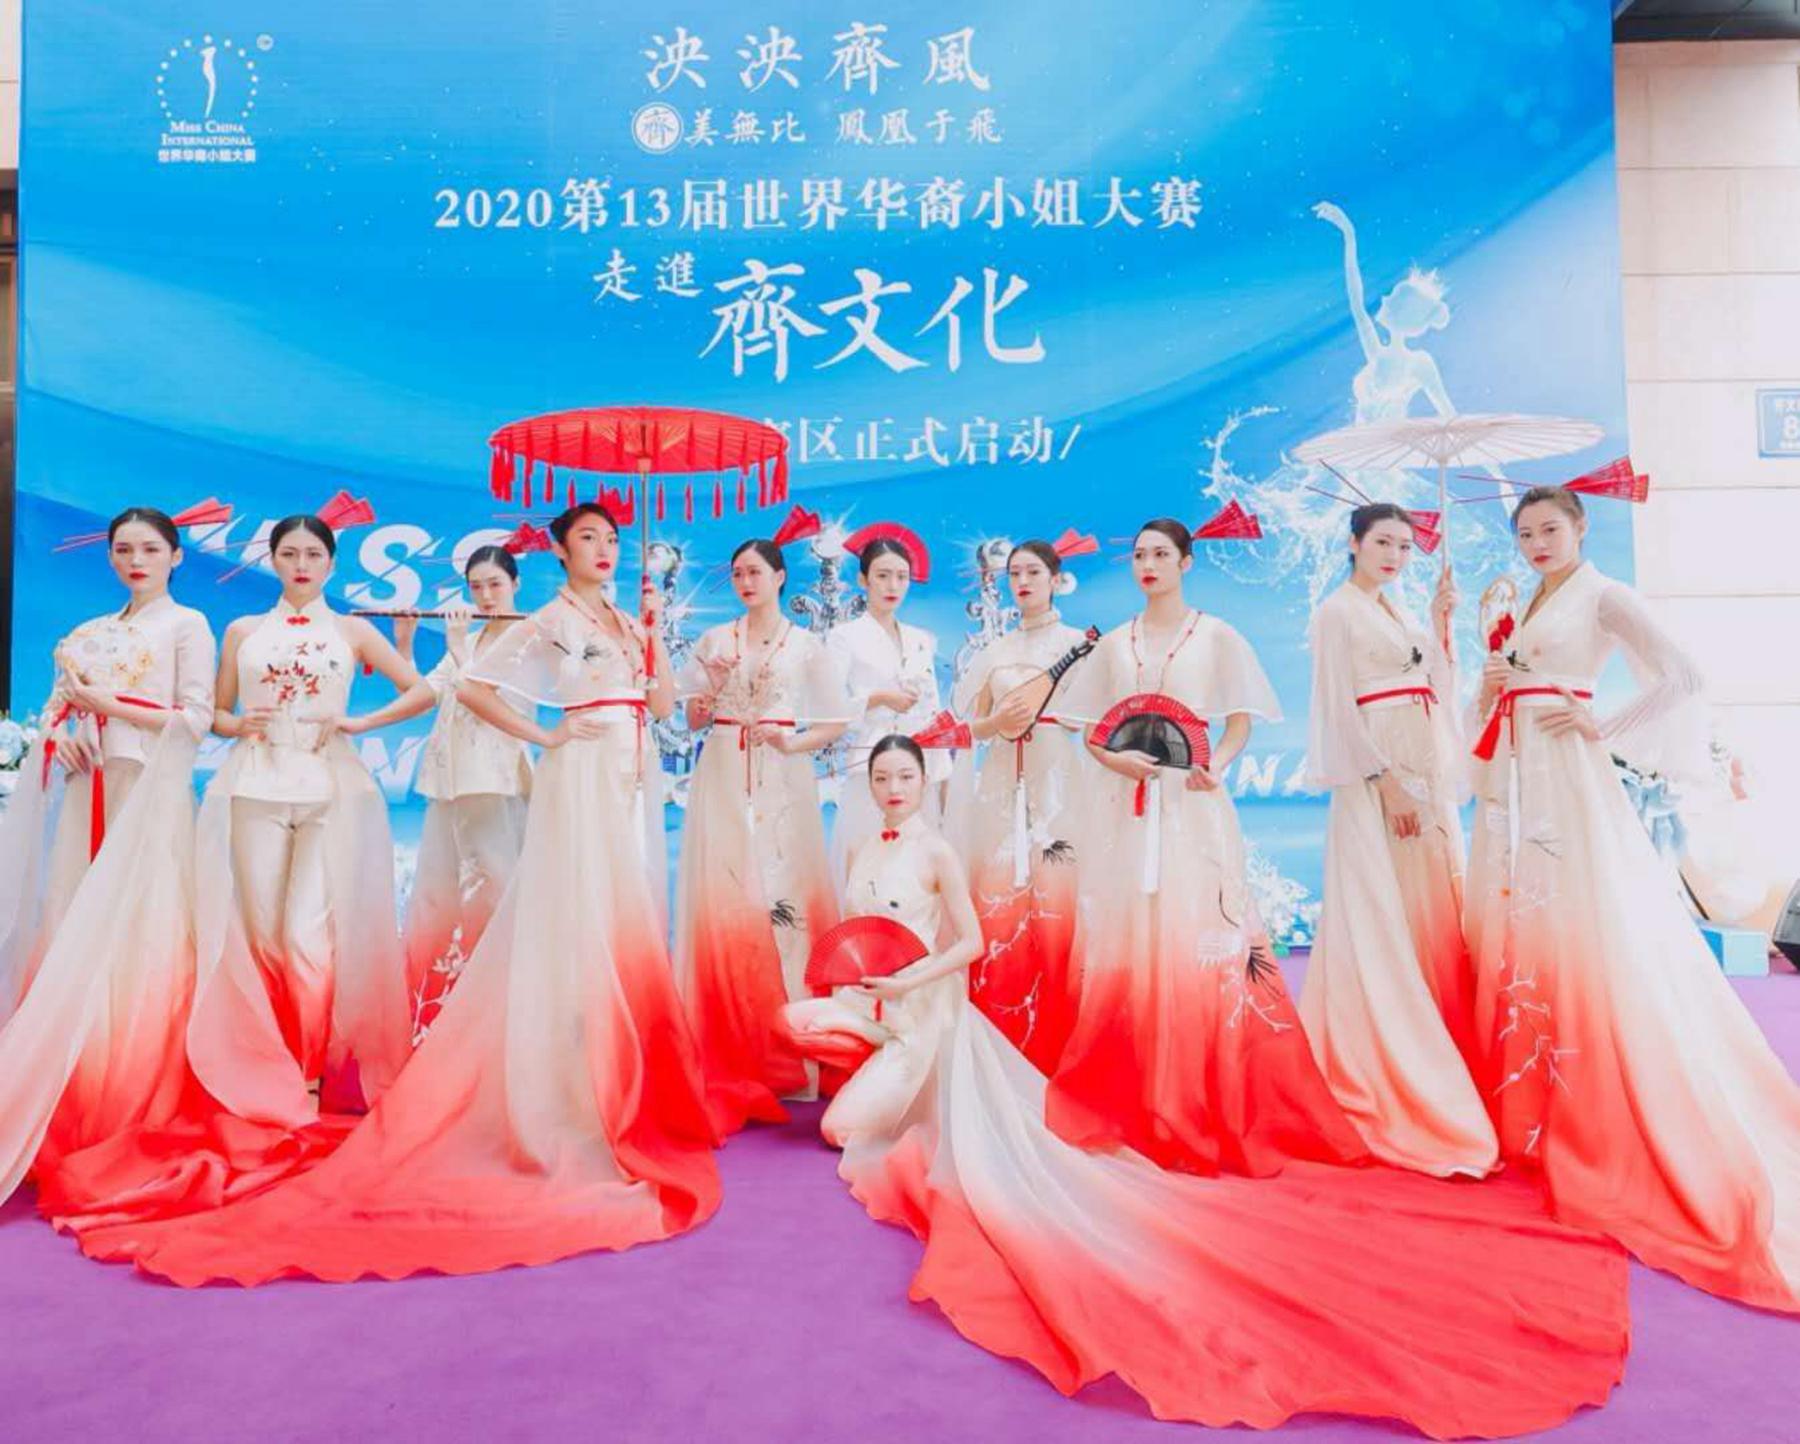 2020世界华裔小姐大赛佳丽风采之三